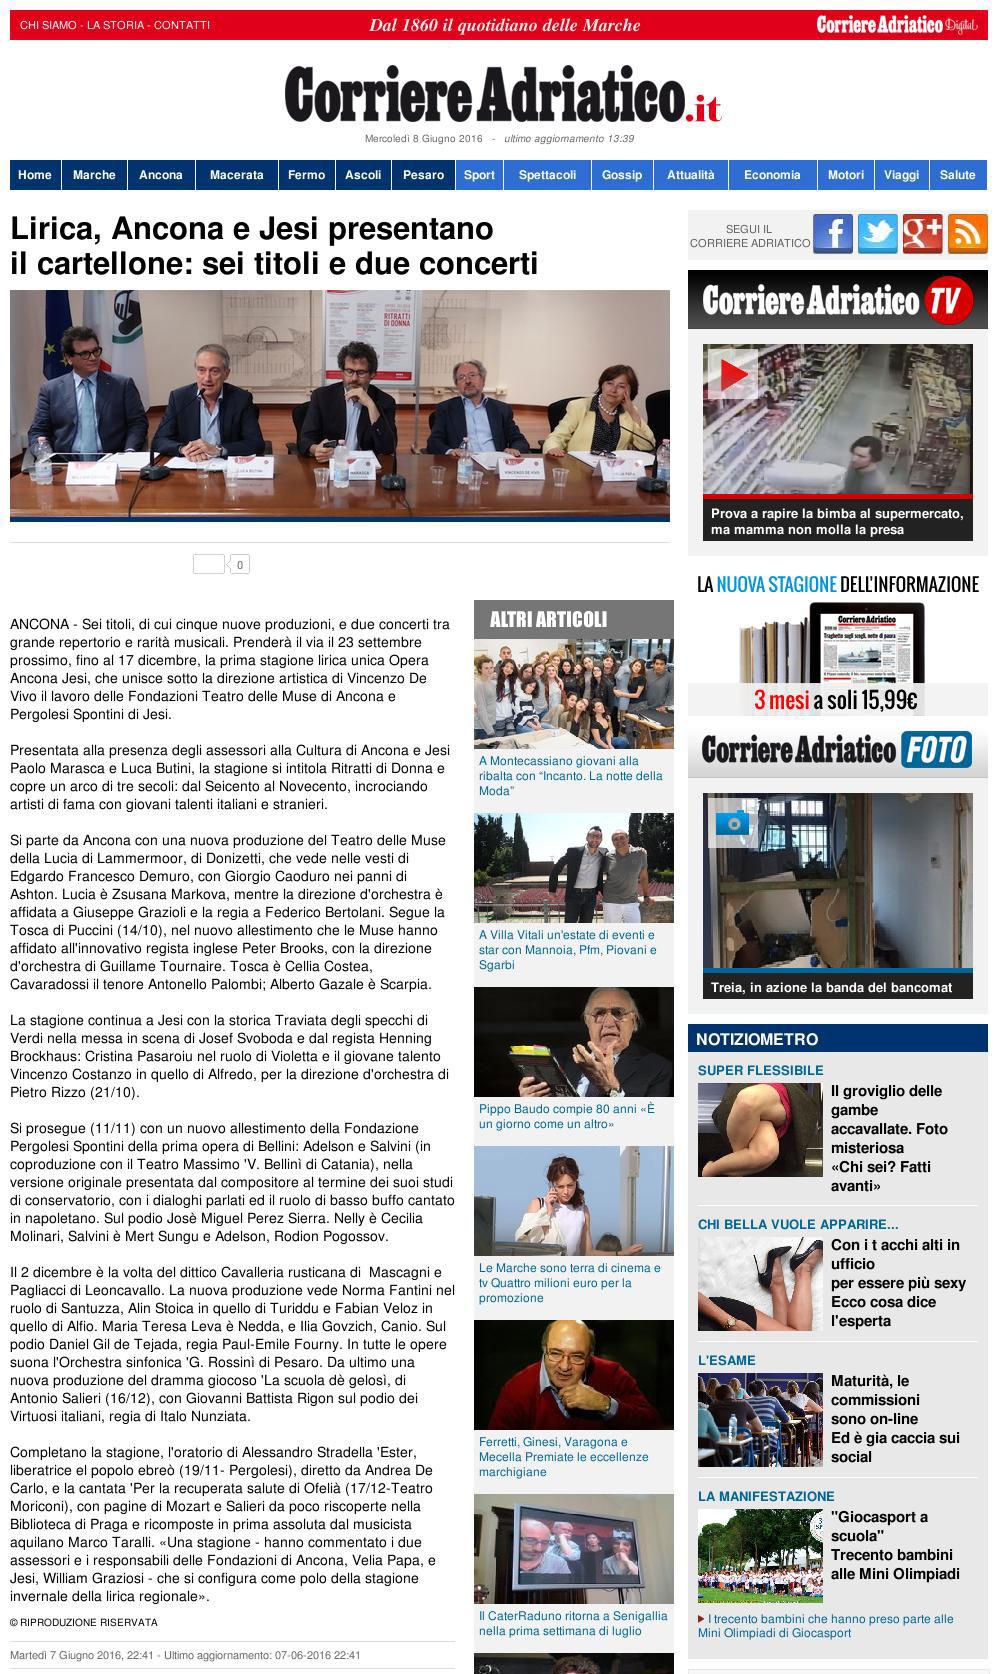 2016_06_08-Lirica,-Ancona-e-jesi-presentano-il-cartellone-sei-titoli-e-due-concerti_corriere-adriatico.it